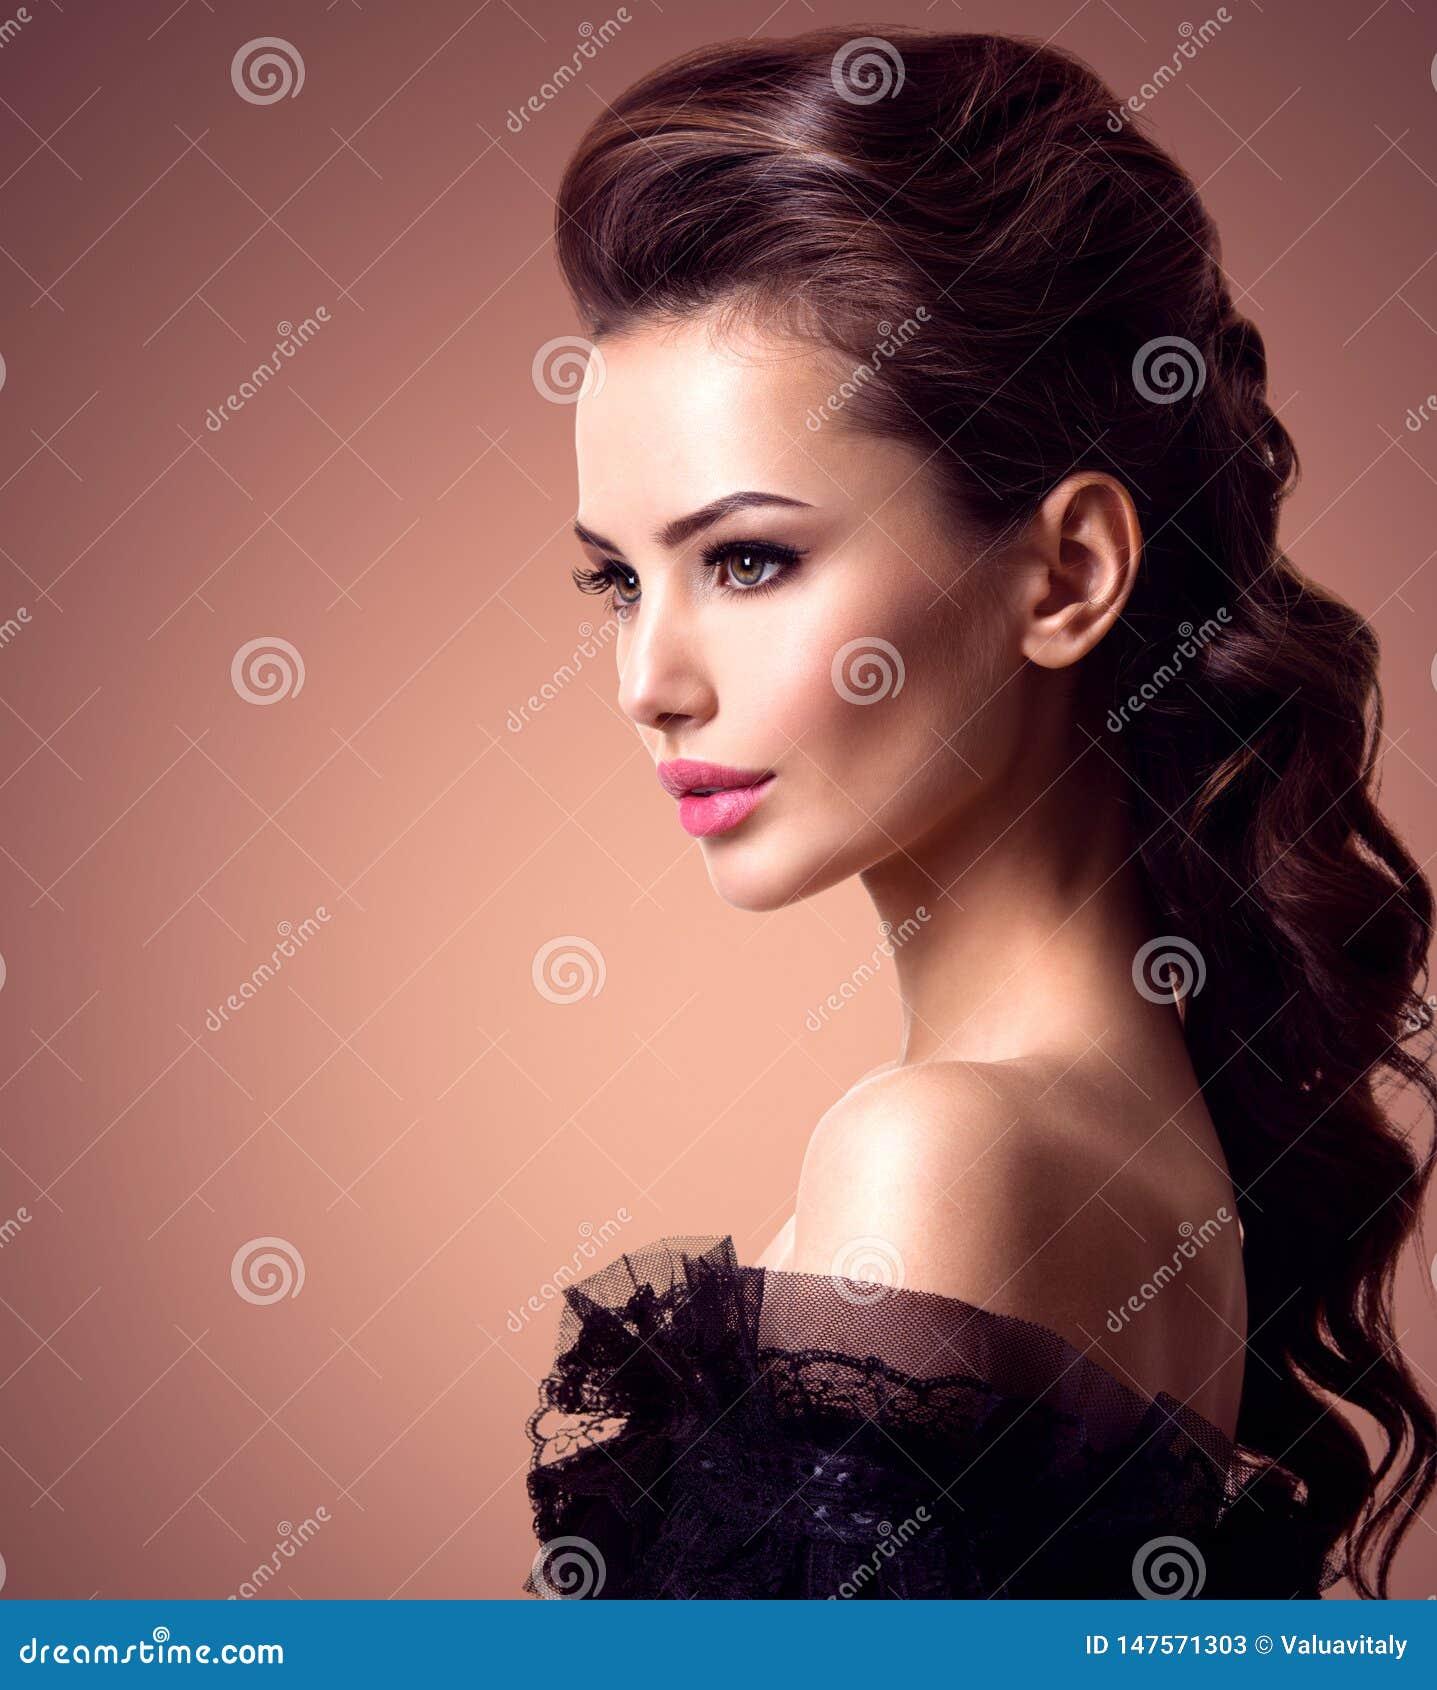 Mooi gezicht van een jonge sexy vrouw met lange haren